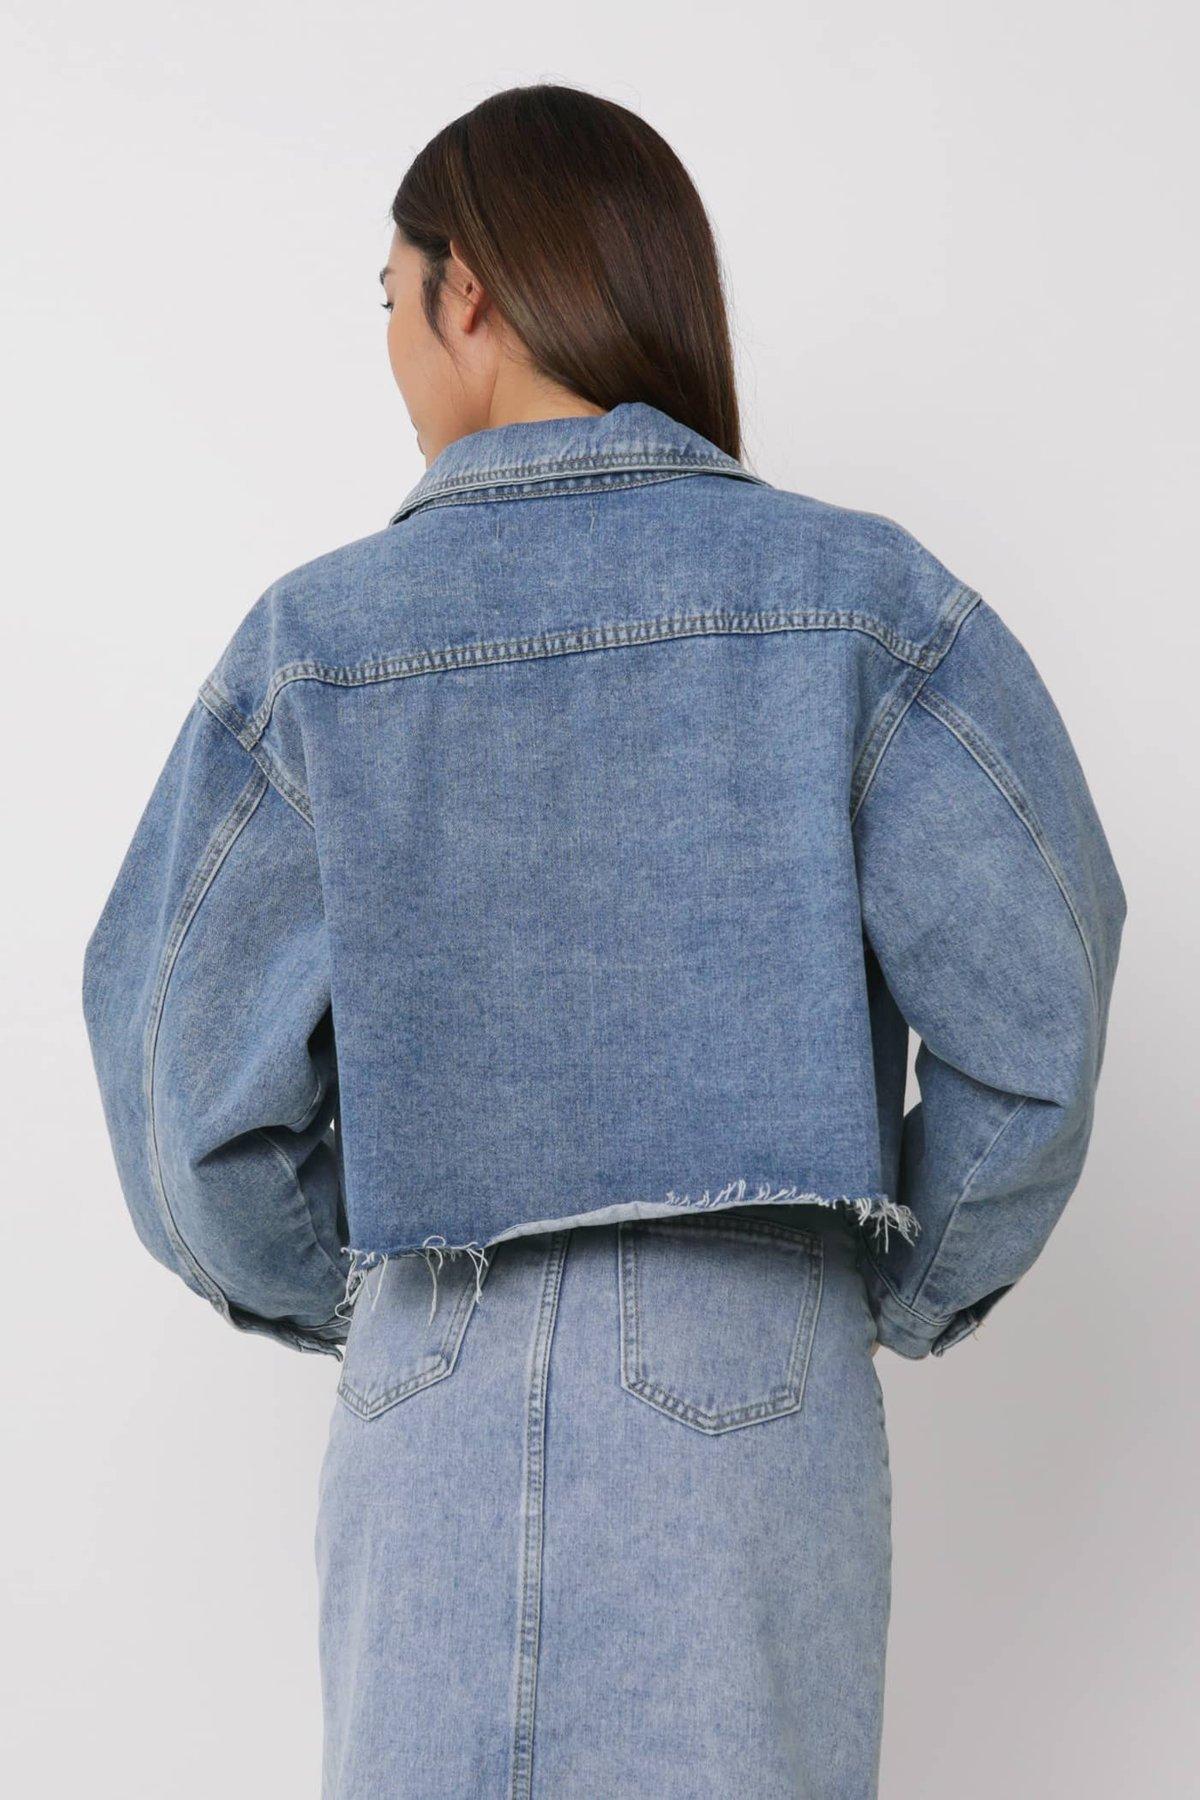 Joe Oversized Cropped Denim Jacket (Blue)